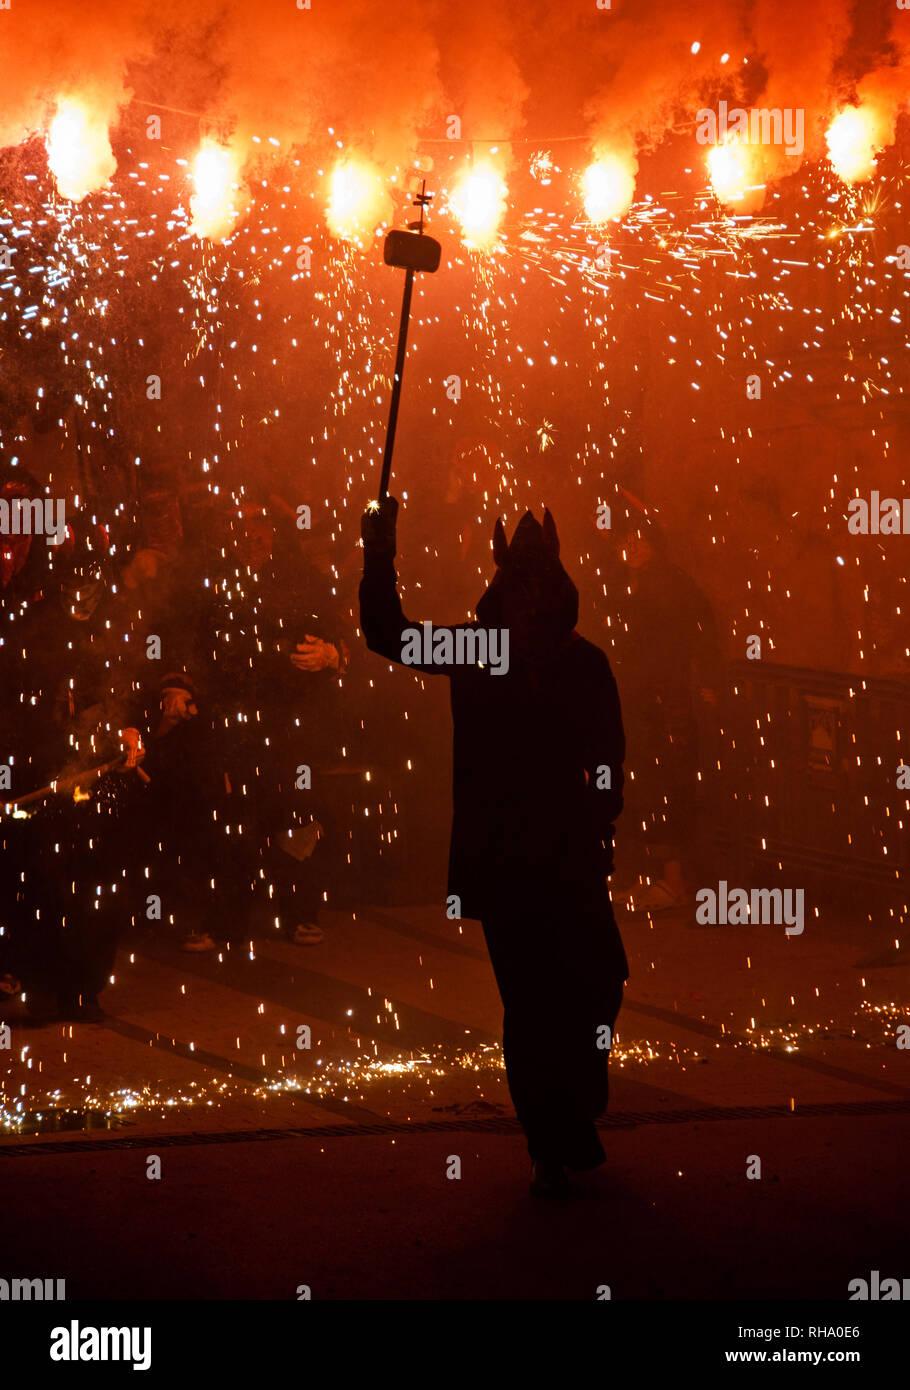 Un diavolo ballare con il fuoco durante un 'correfoc', una tradizione catalana Immagini Stock